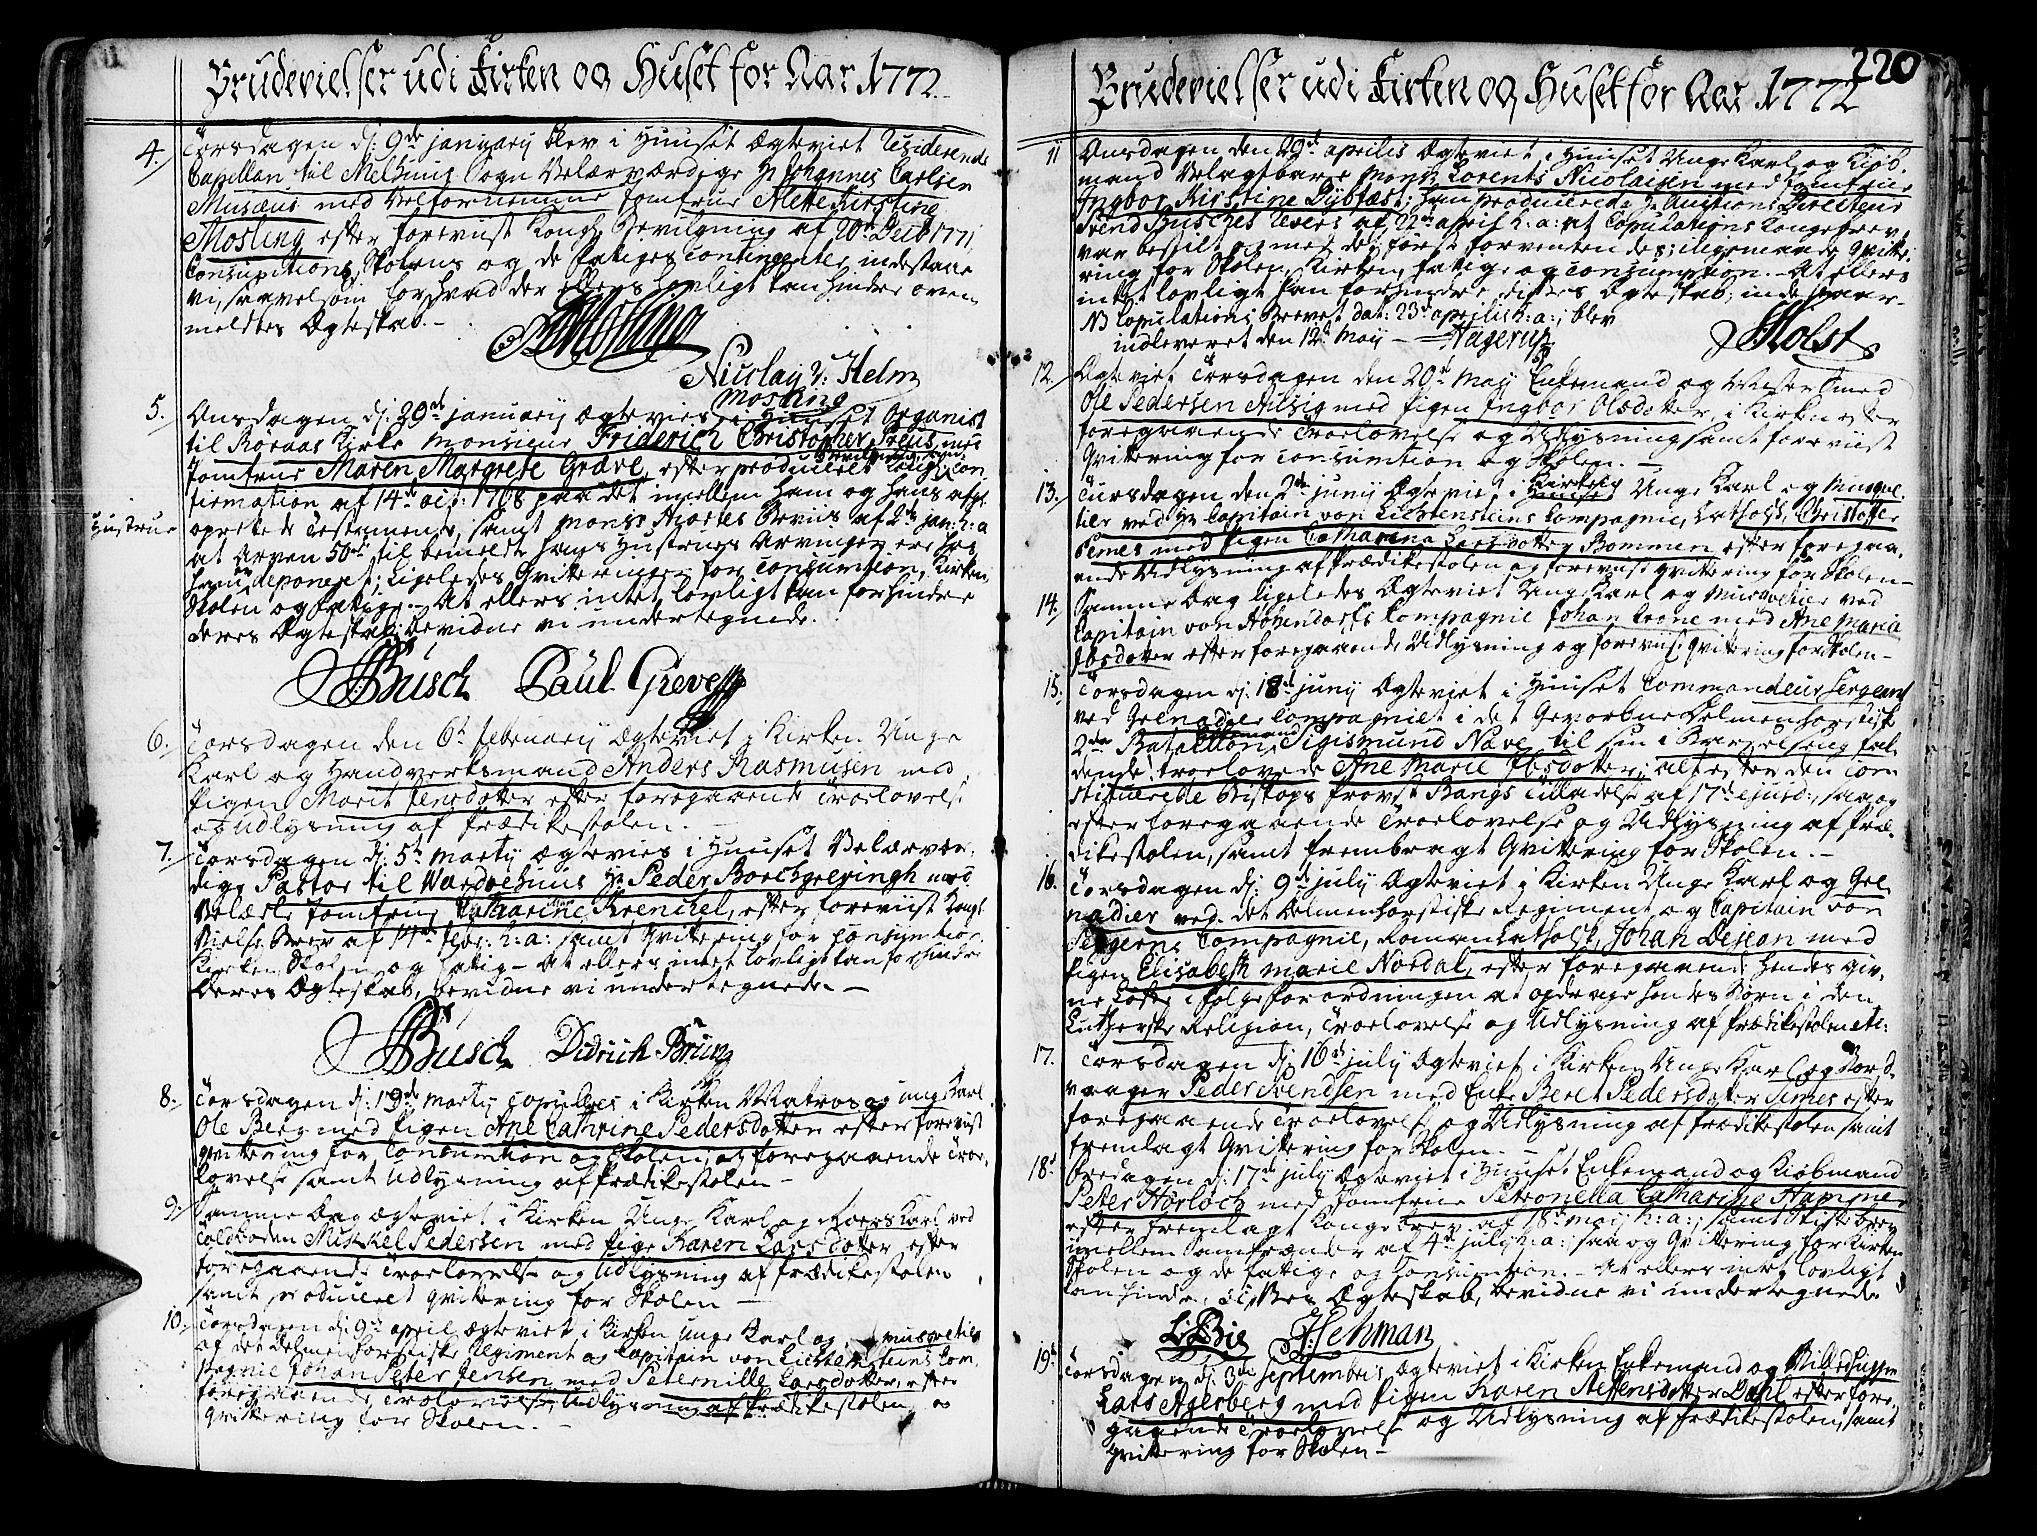 SAT, Ministerialprotokoller, klokkerbøker og fødselsregistre - Sør-Trøndelag, 602/L0103: Ministerialbok nr. 602A01, 1732-1774, s. 220